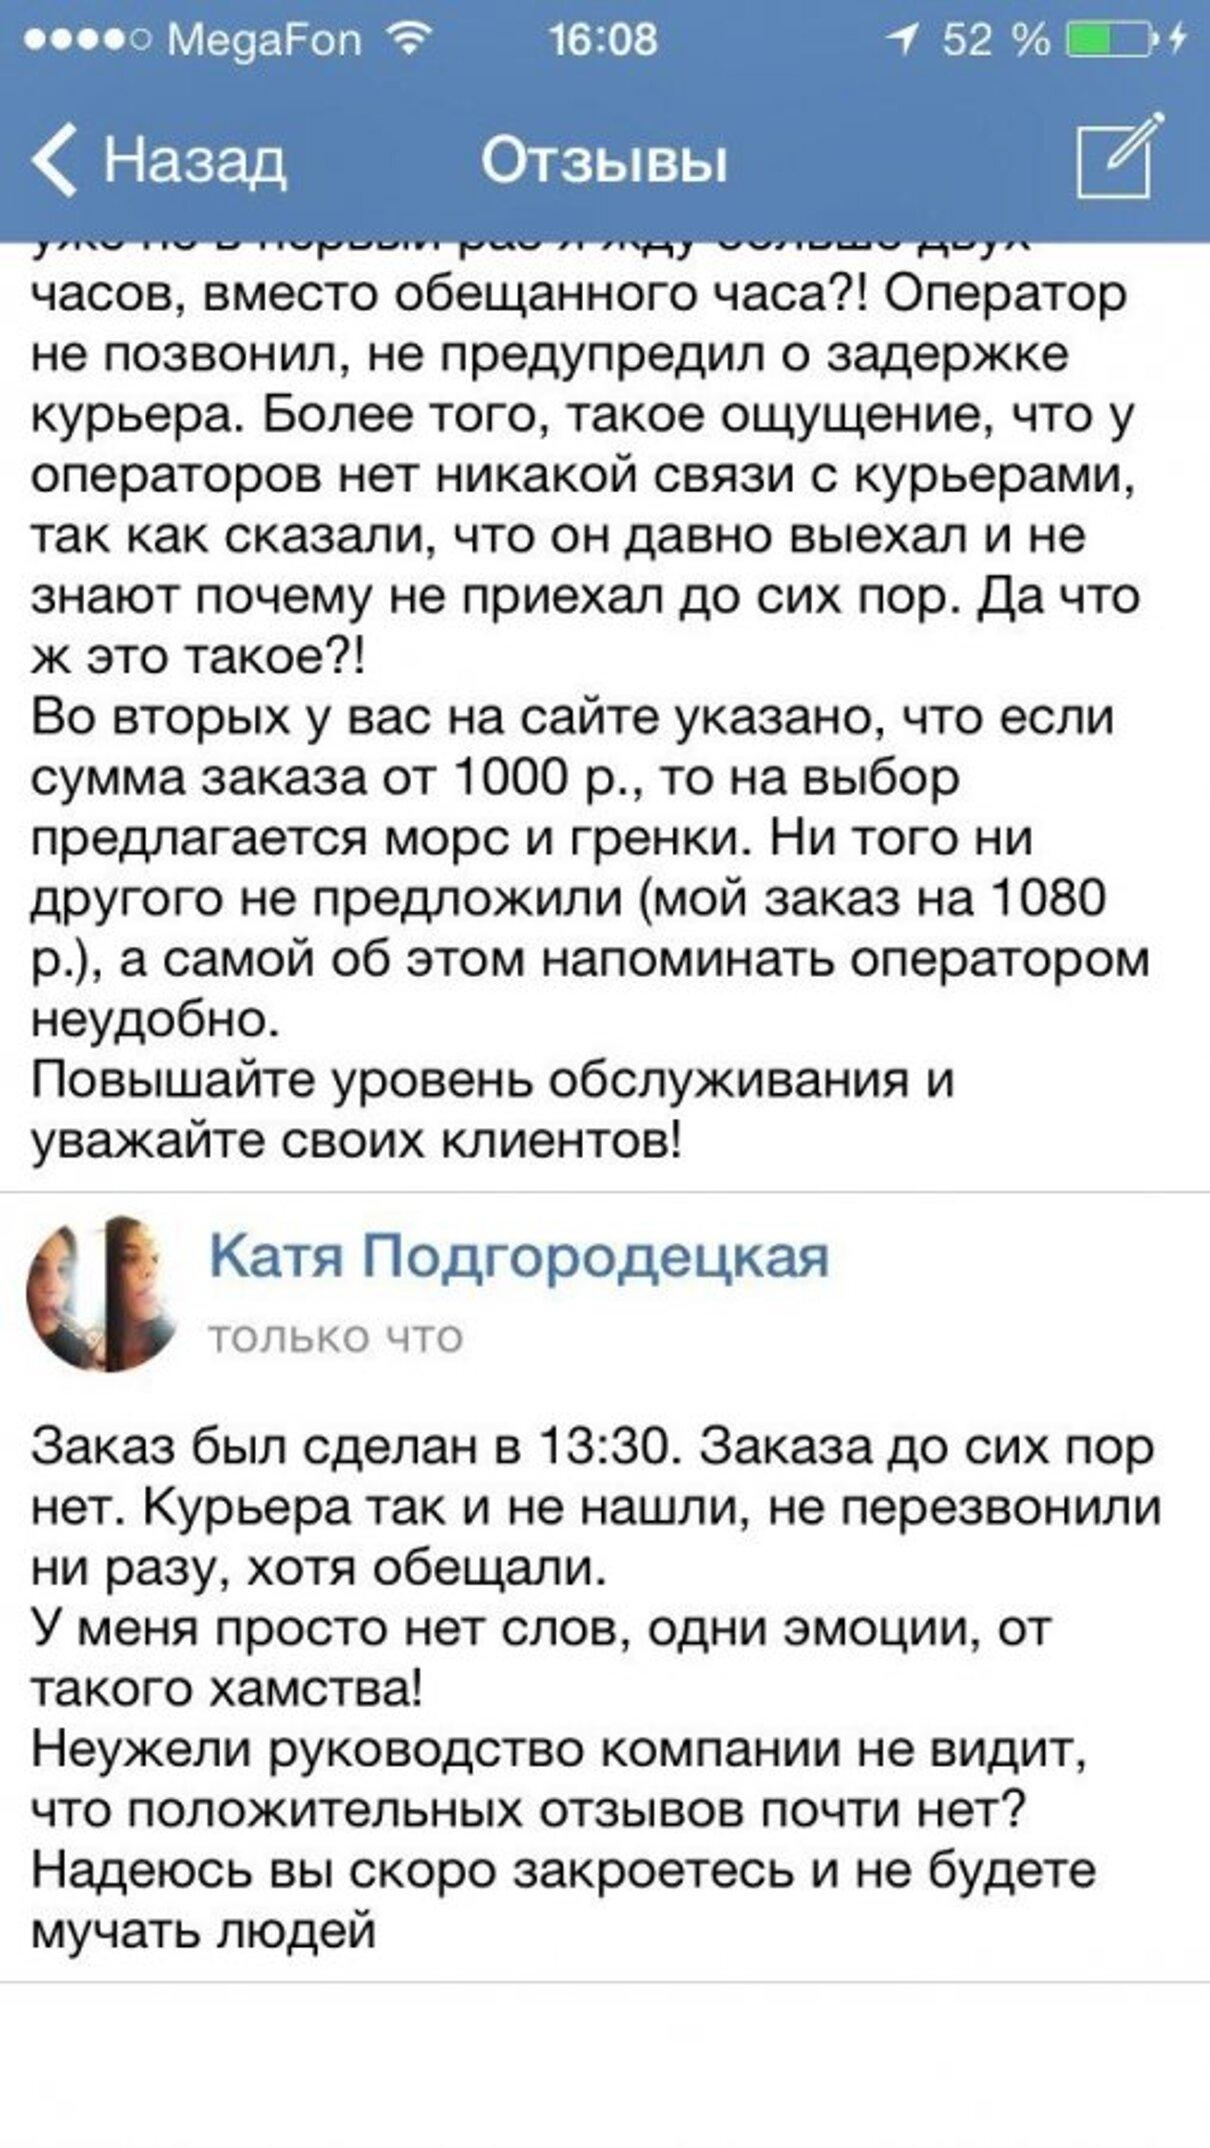 Жалоба-отзыв: Царство Вкуса, tsarvkusa.ru - Отвратительное отношение к клиентам.  Фото №2